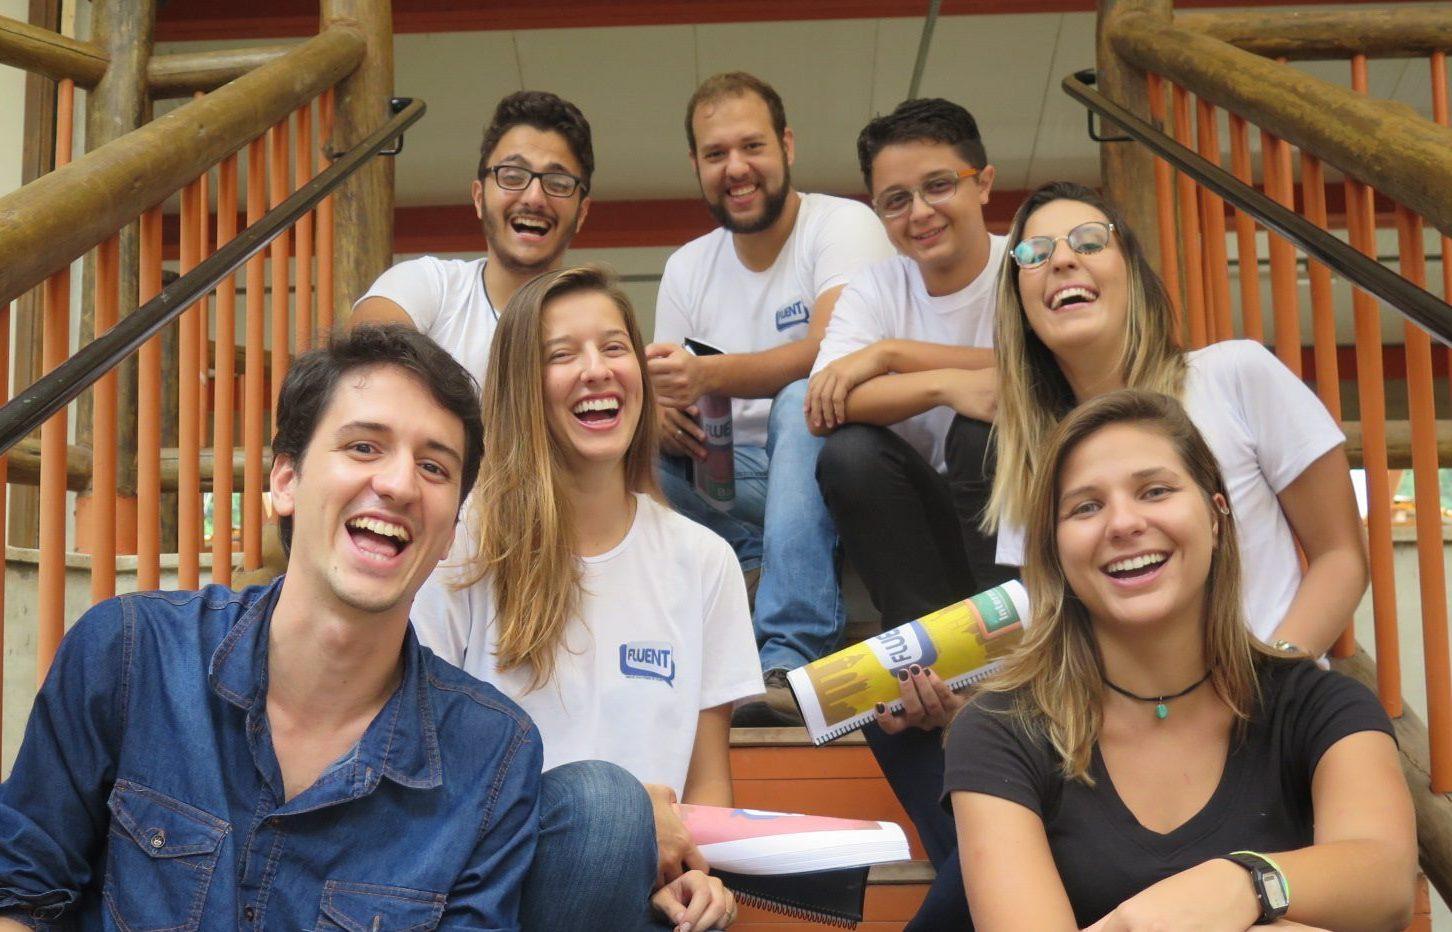 Considerada a Uber do inglês, startup itabirana Fluent comemora resultados obtidos